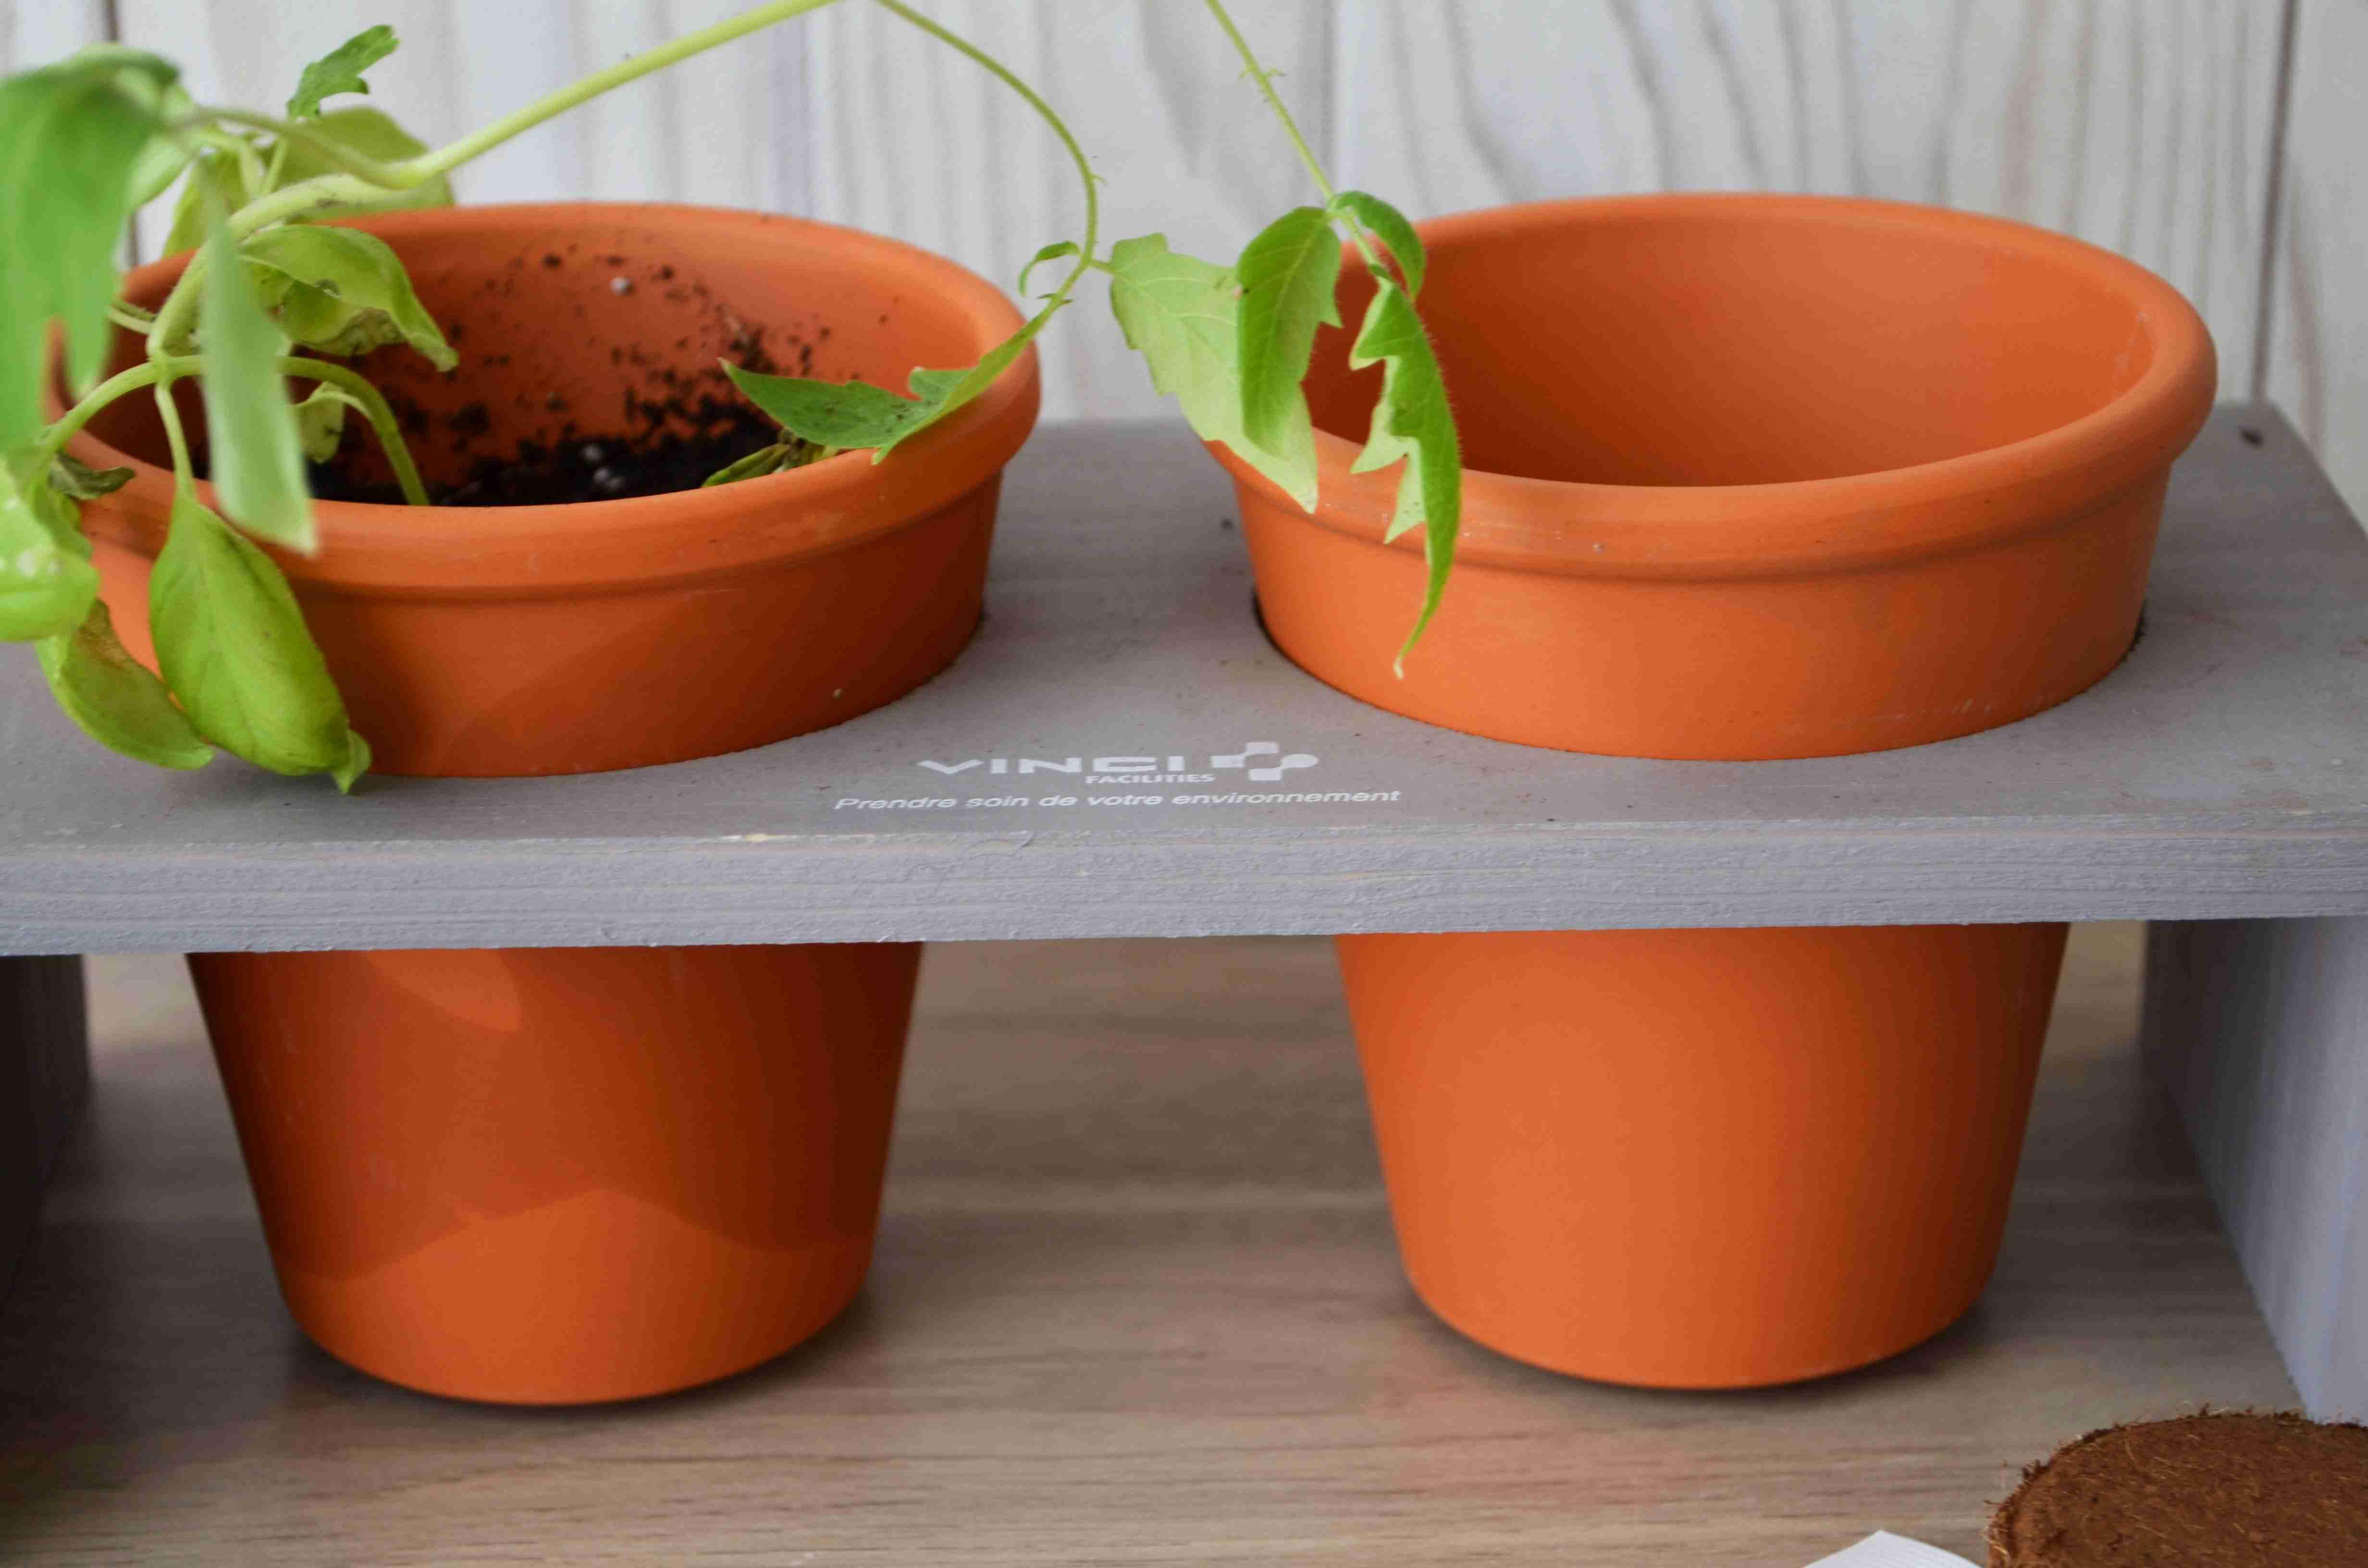 Cadeau d'entreprise végétal - Plateau Duo aromatiques